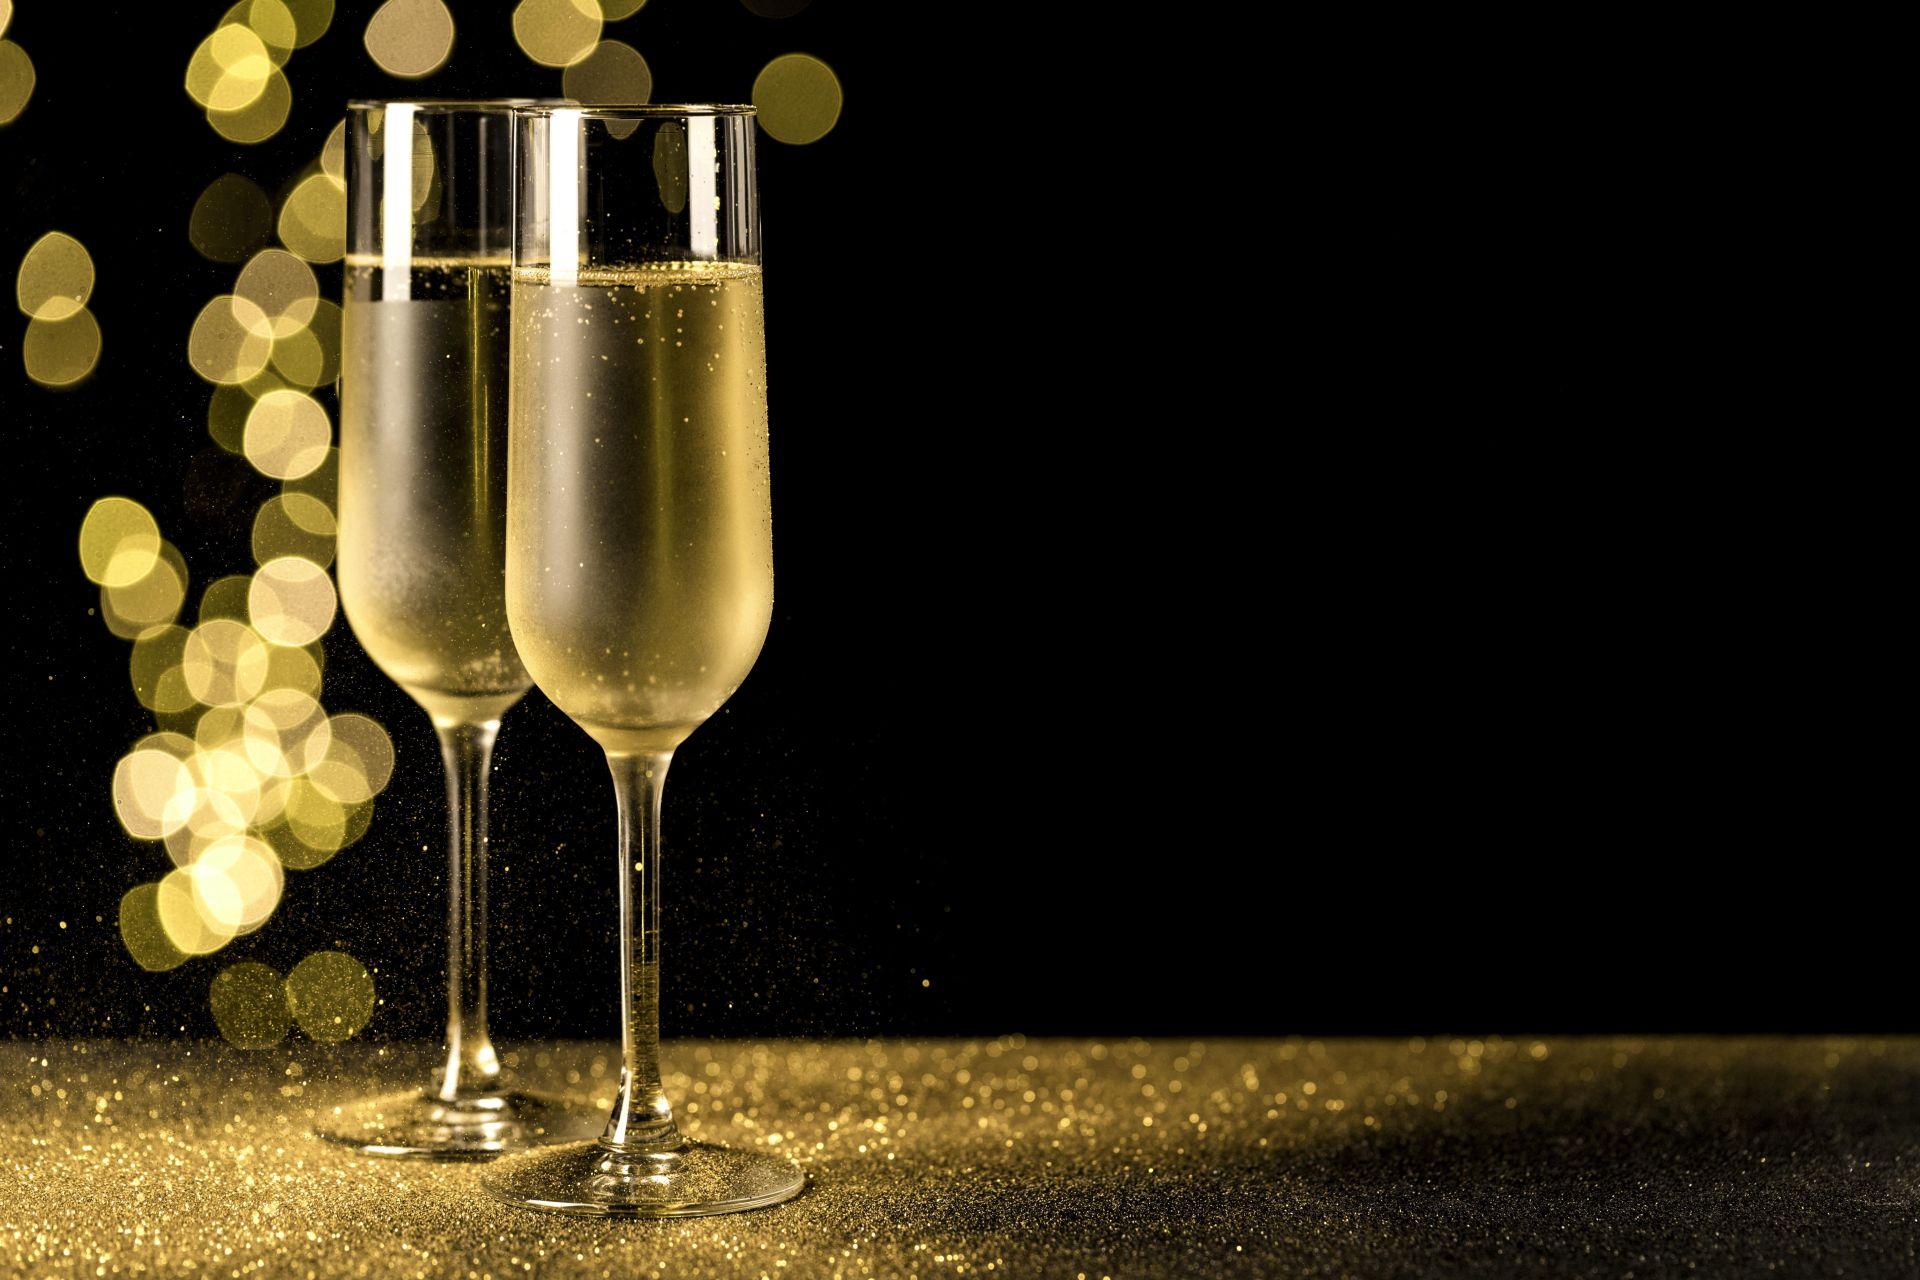 Újévi jókívánságok, köszöntők